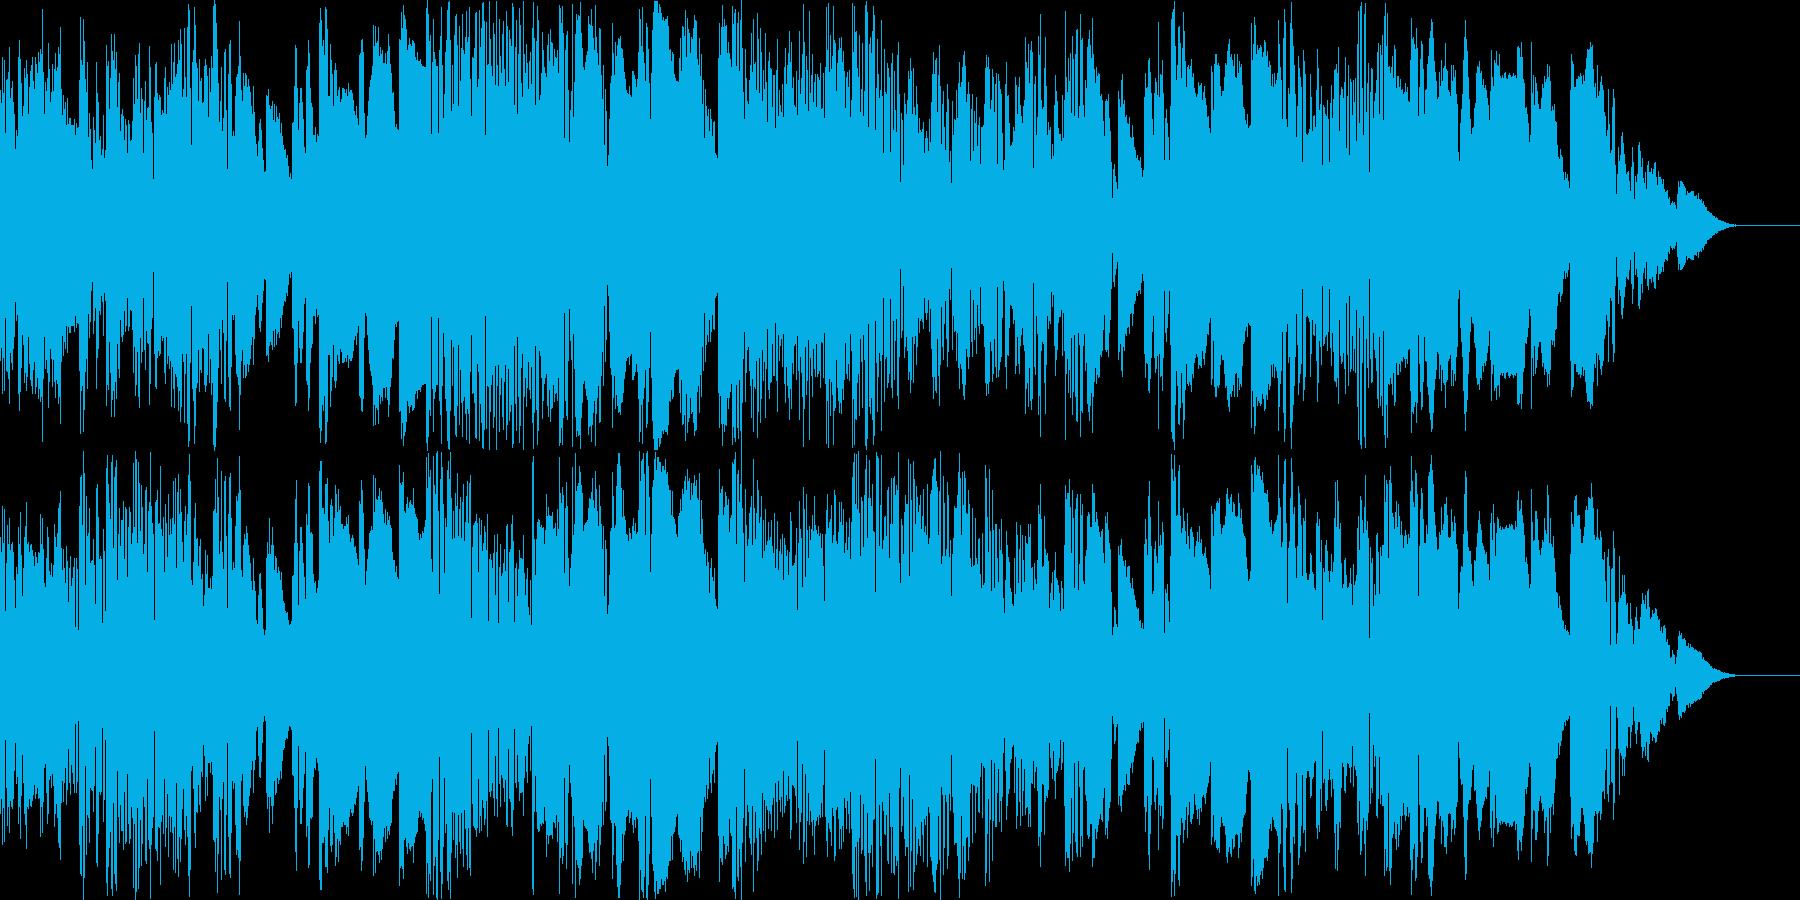 テクノのような雰囲気のポップスの再生済みの波形